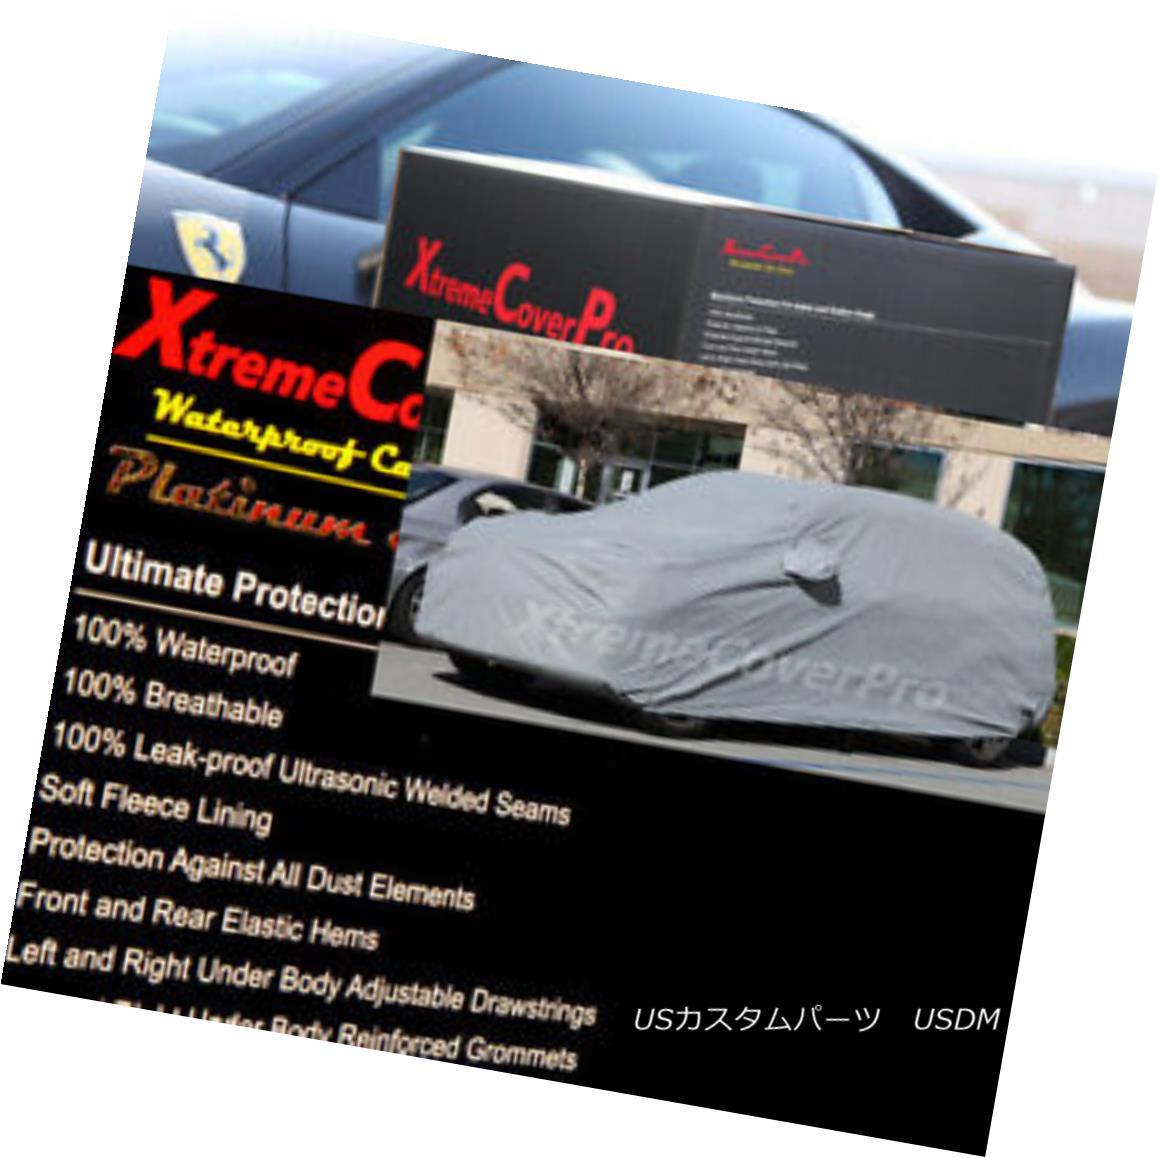 カーカバー 1992 1993 1994 Chevy Blazer Waterproof Car Cover w/MirrorPocket 1992 1993 1994シボレーブレーカー防水カーカバー付きMirrorPocket